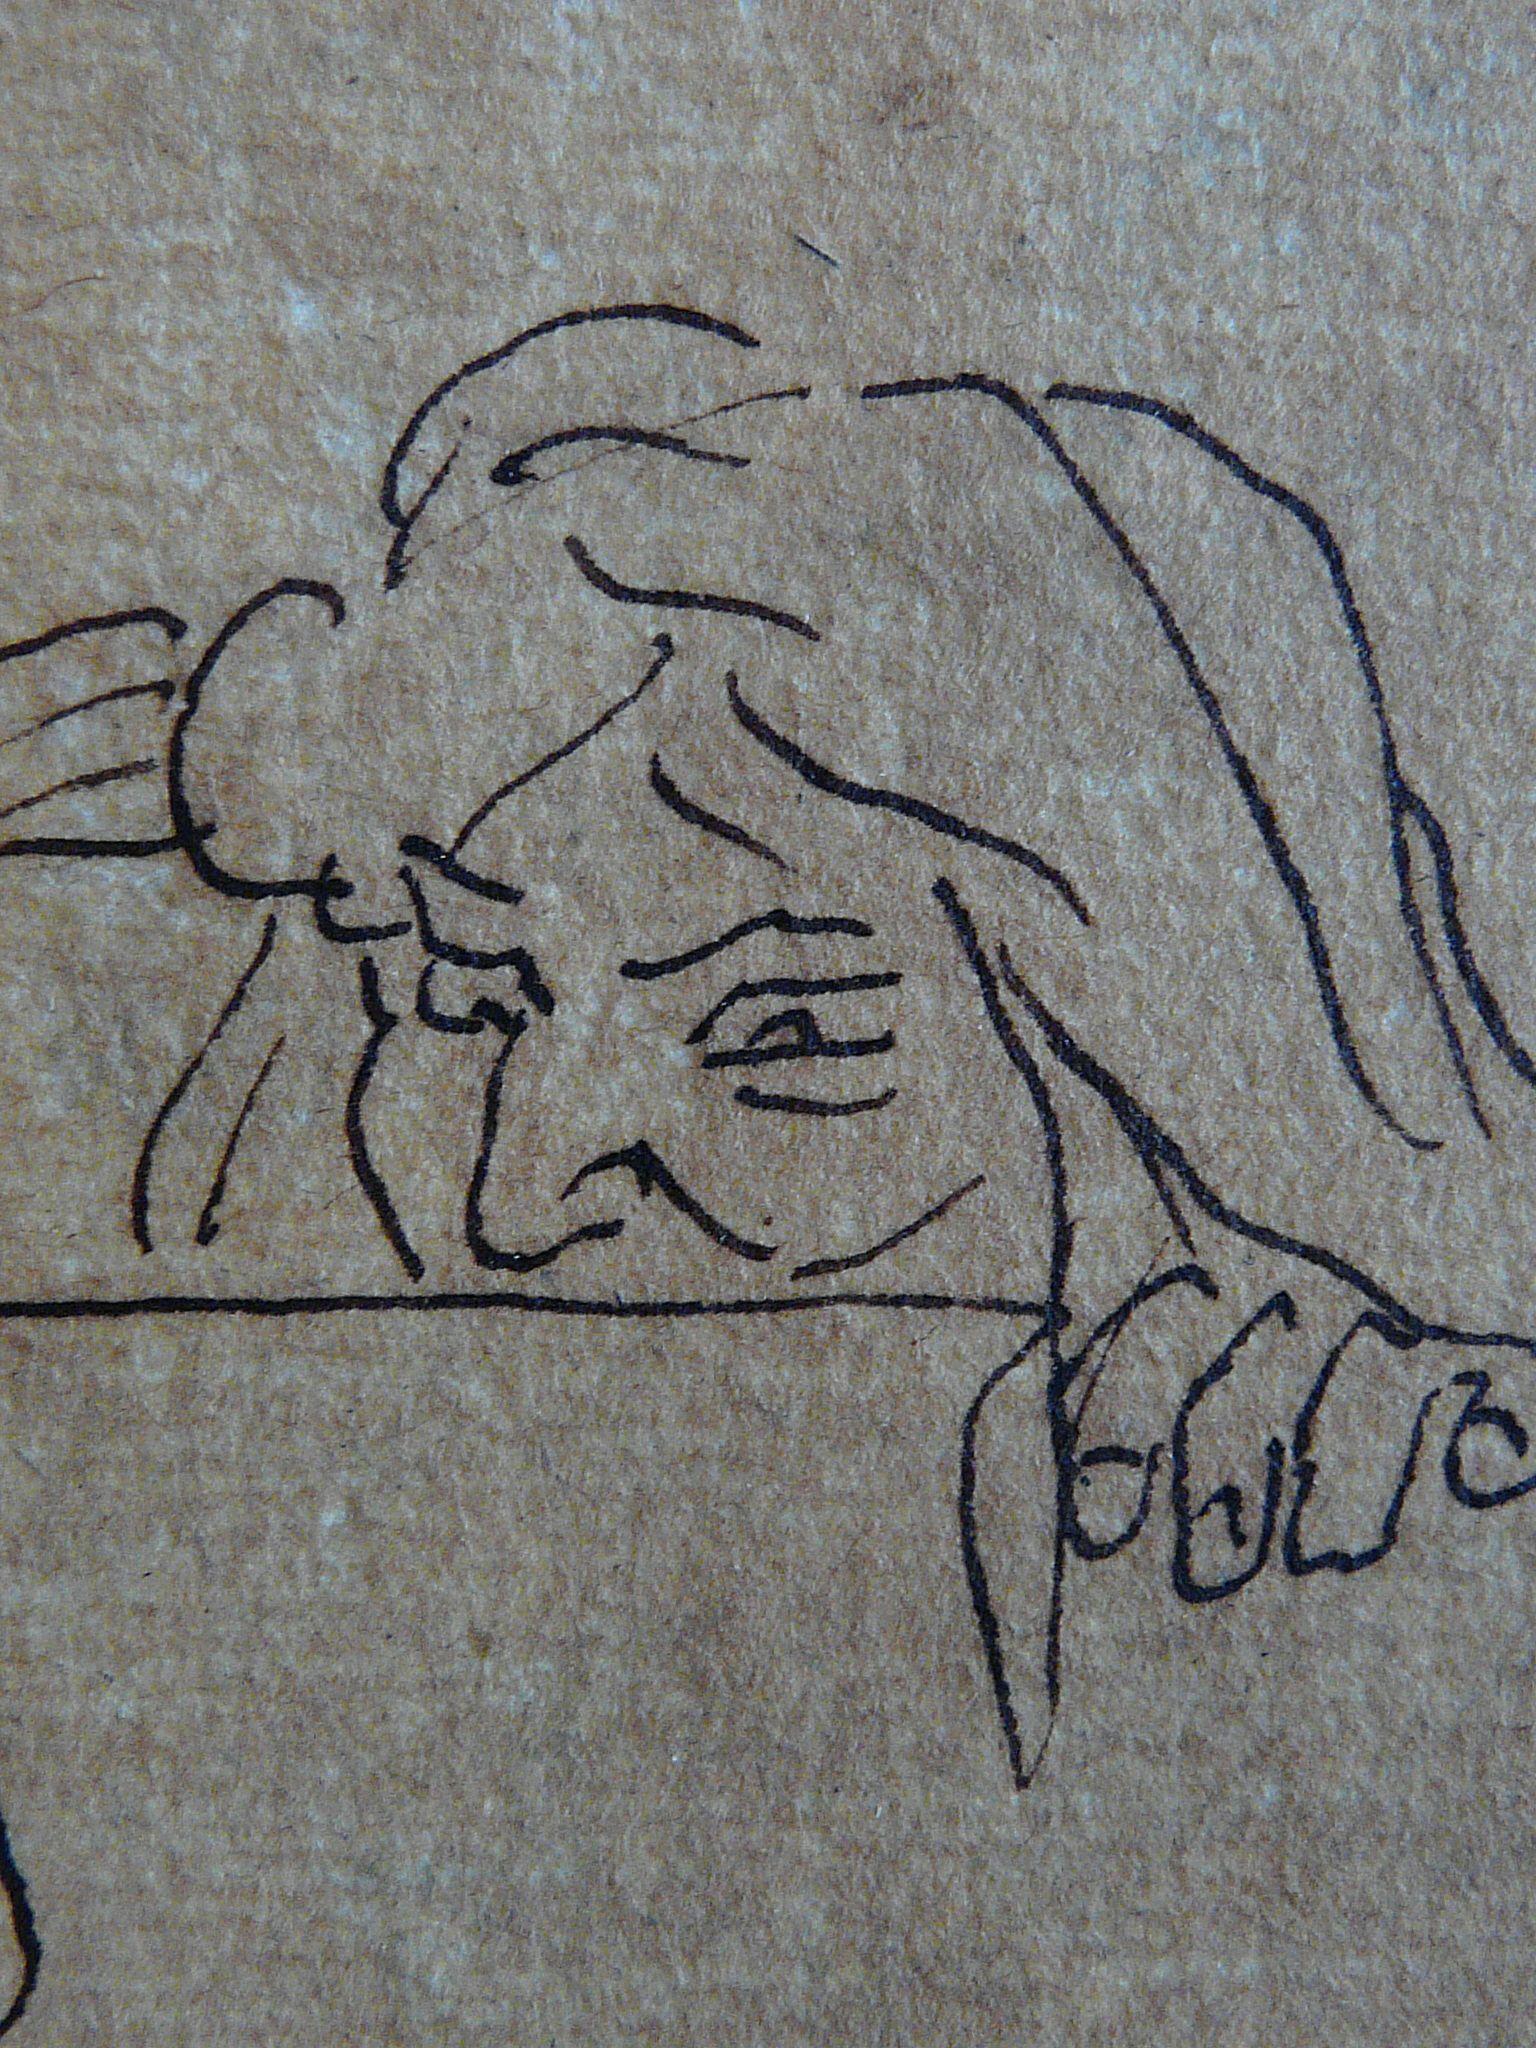 """DELACROIX Eugène,1822 - La Barque de Dante, Etude (drawing, dessin, disegno-Louvre RF9170) - Detail 1   -   TAGS : figures details détail détails """"dessins 19e"""" """"19th-century drawings"""" croquis étude study sketch sketches France bark rowboat mer tempête sea storm naufrage amitié friendship drame drama tragedy poet man men nu nude naked """"naked man"""" """"naked men"""" nudity nudité bare """"homme nu"""" survivor danger Hell nightmare cauchemar romantisme romanticism romance"""